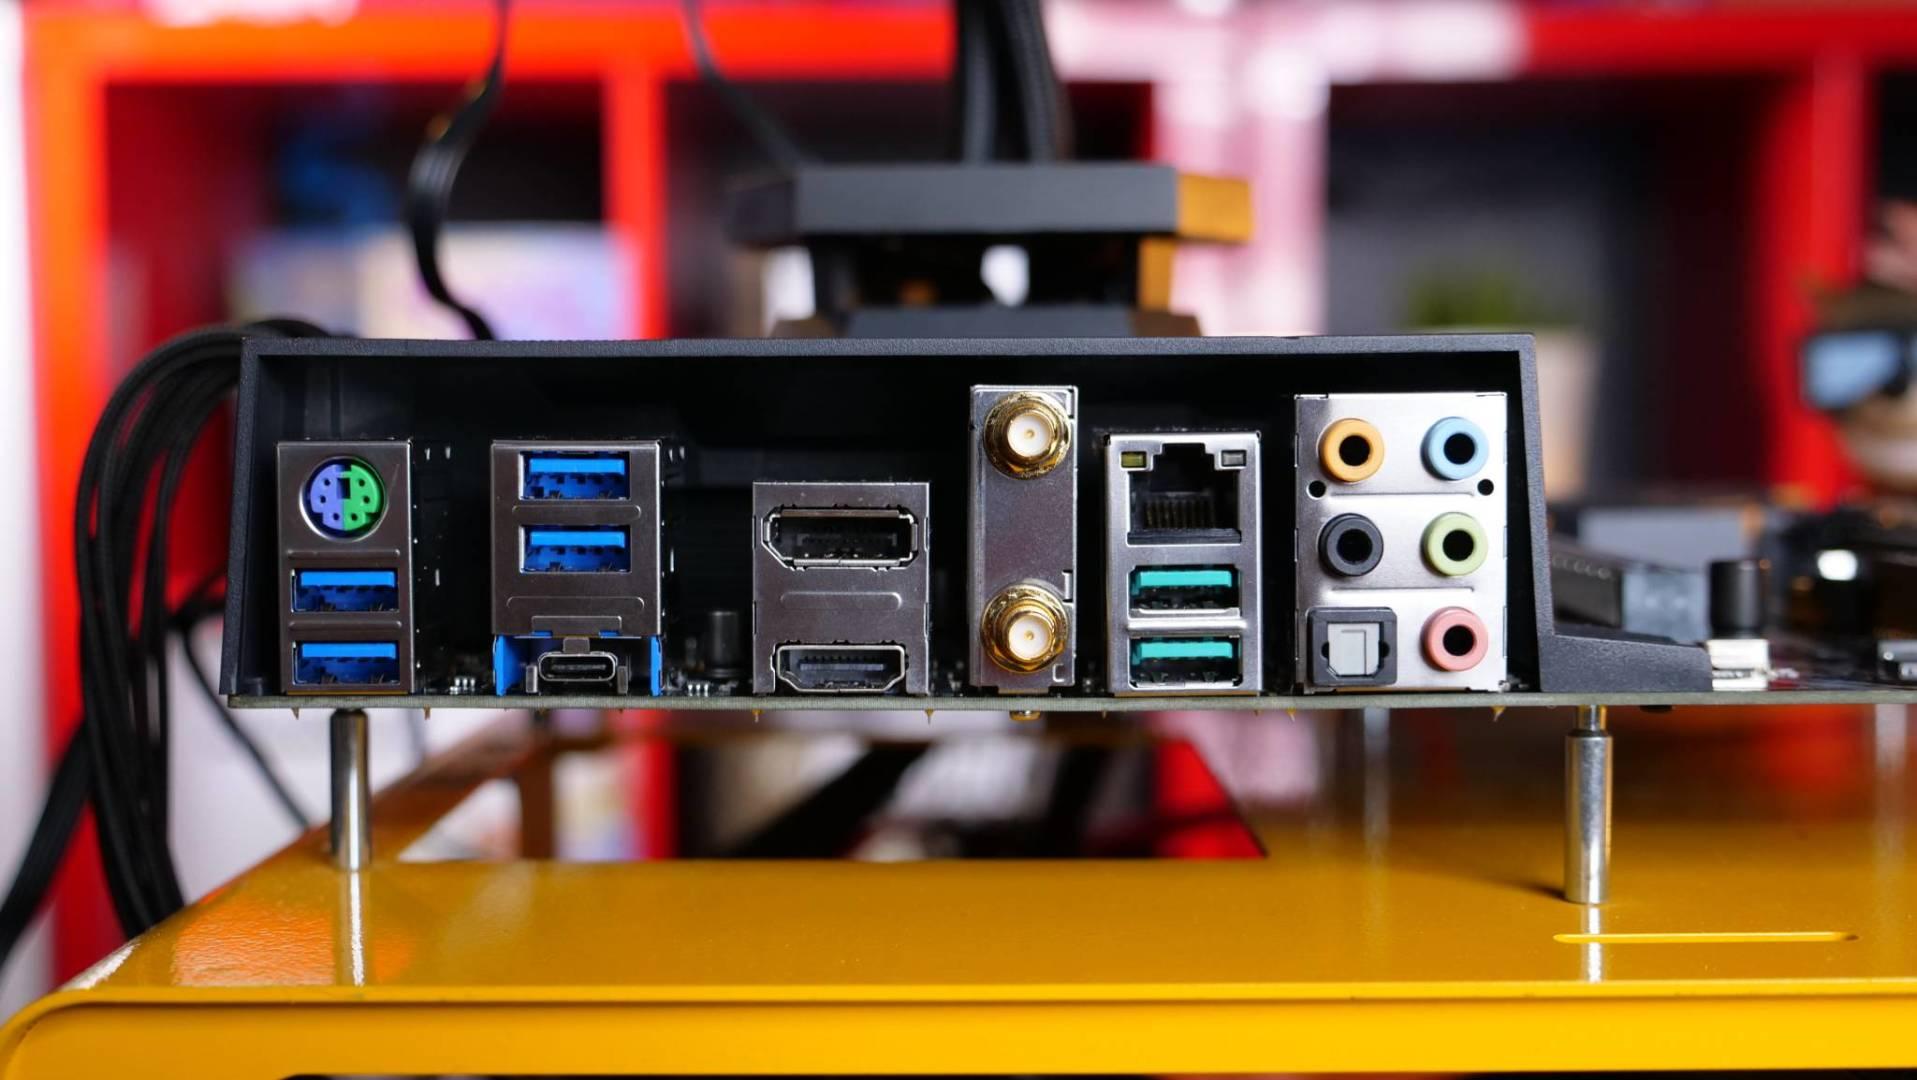 Asus TUF X570 PLUS Wi-Fi